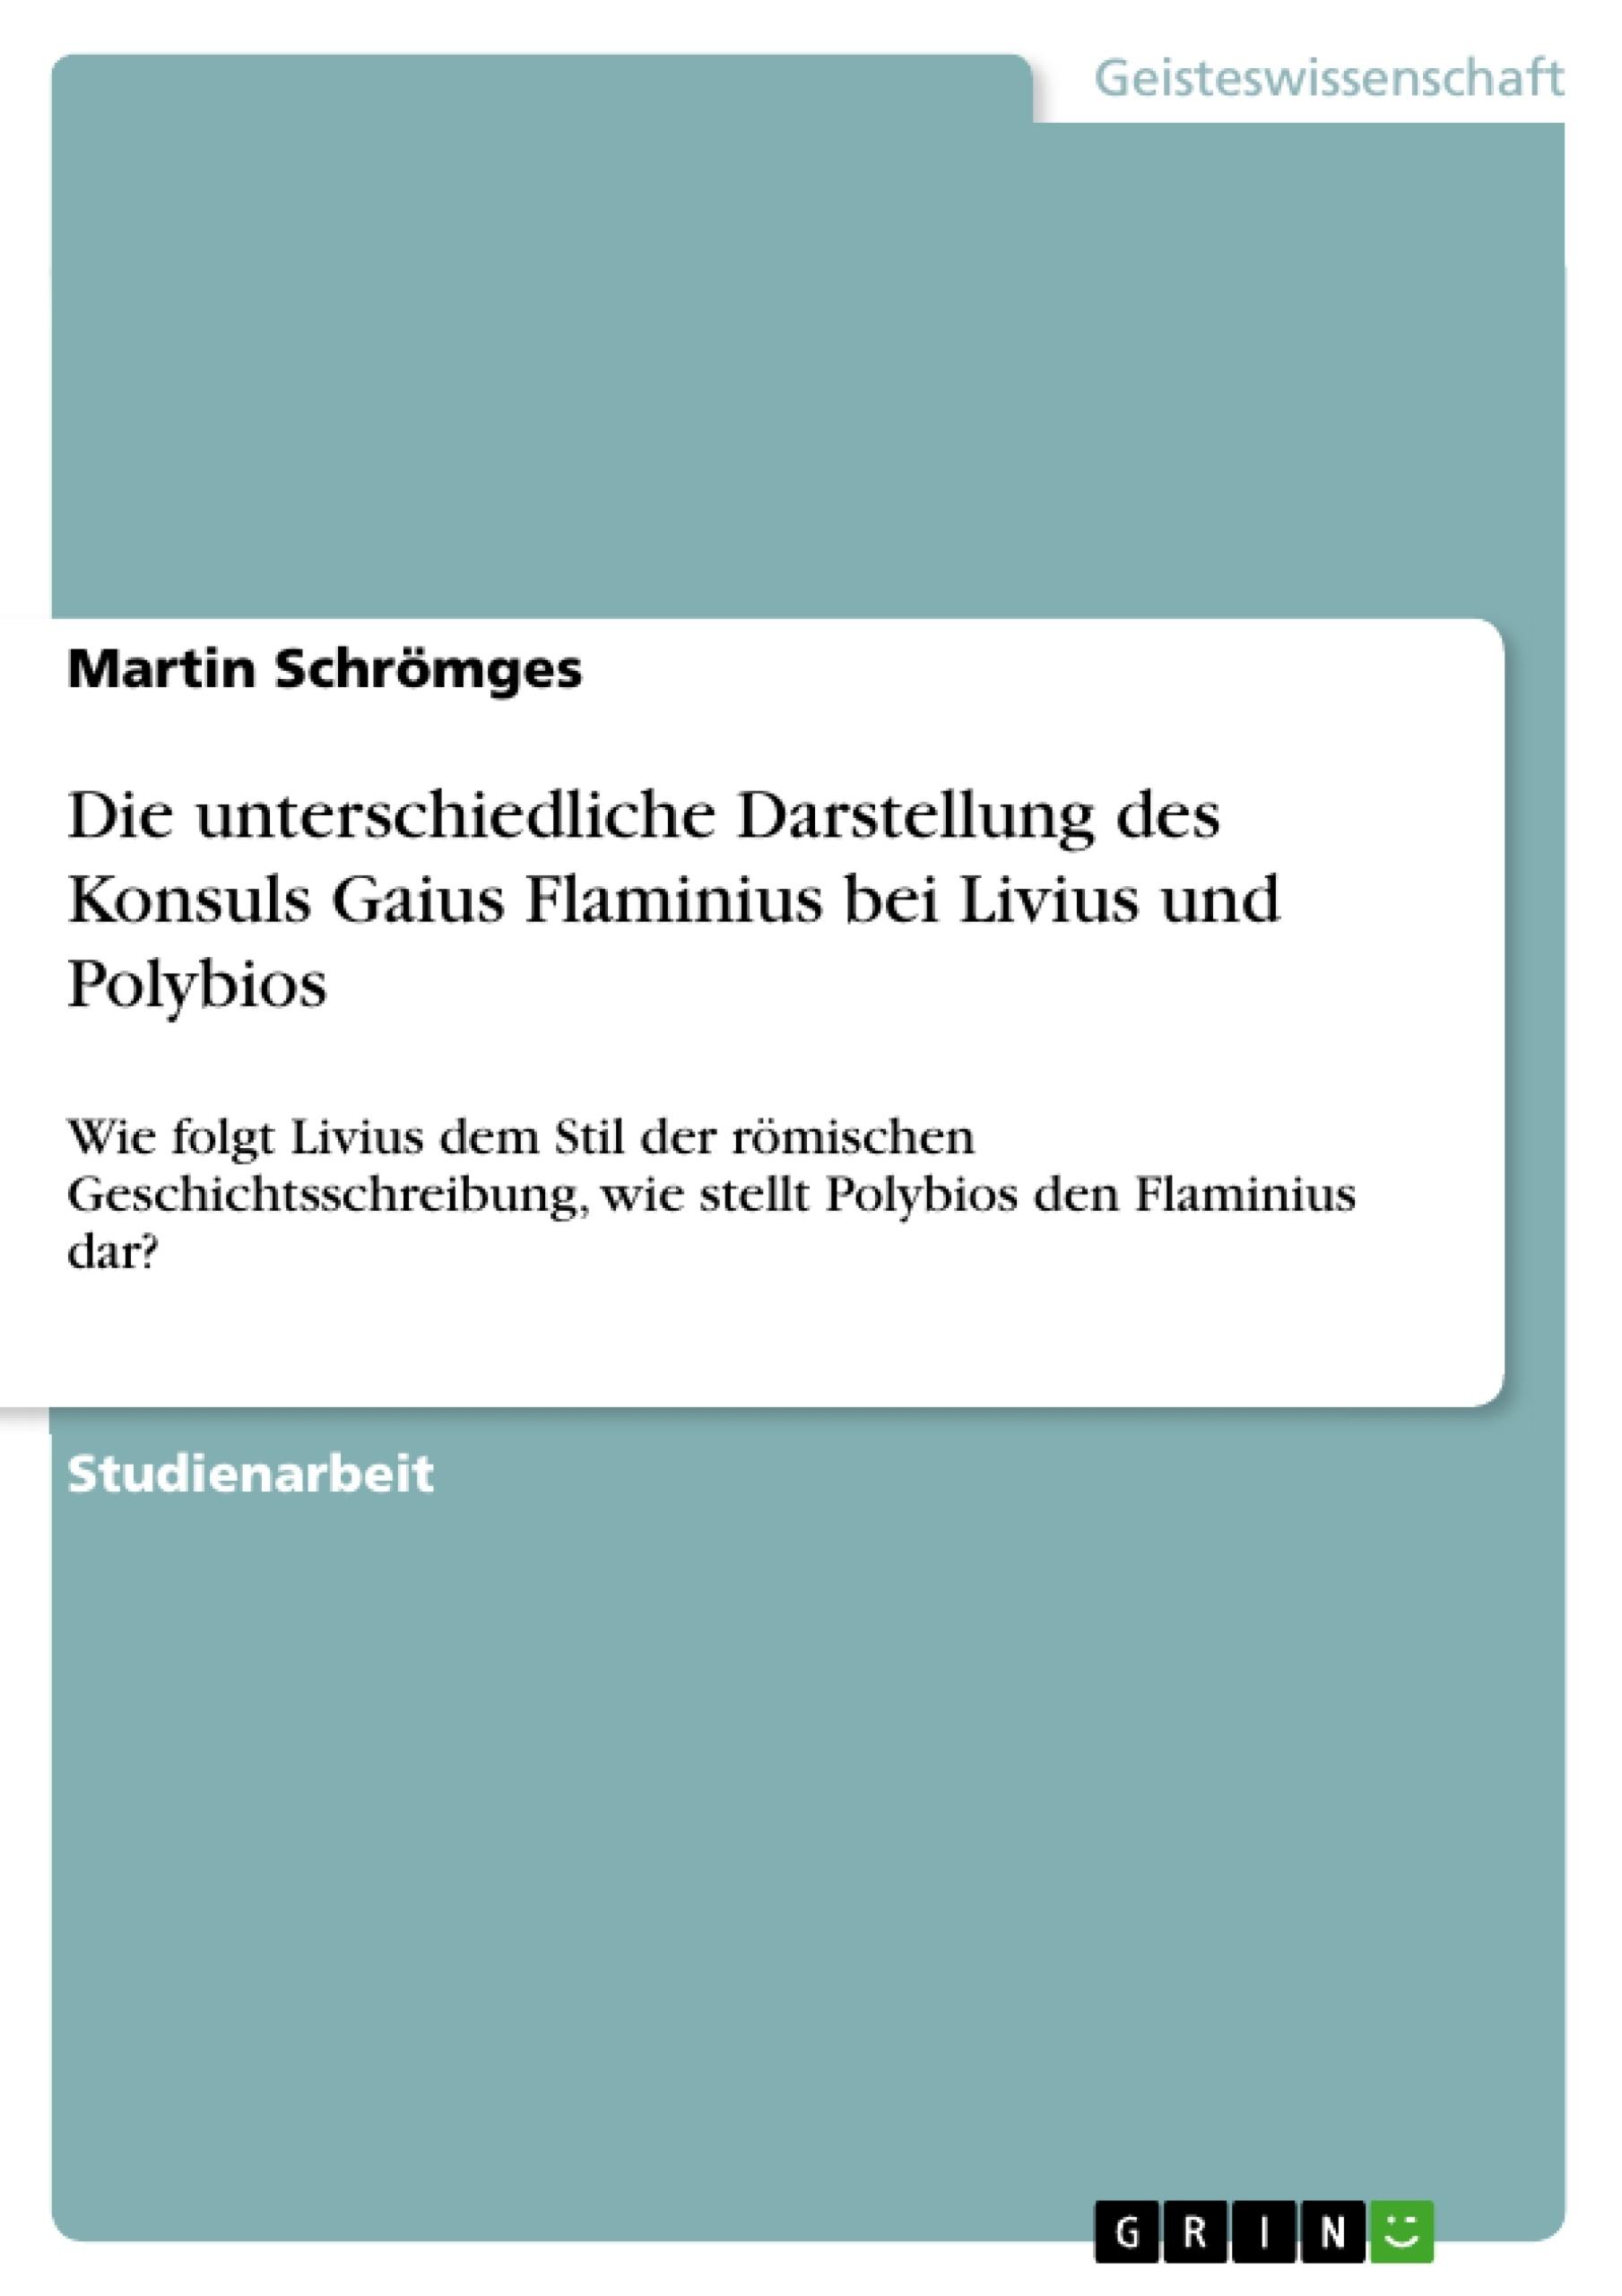 Titel: Die unterschiedliche Darstellung des Konsuls Gaius Flaminius bei Livius und Polybios